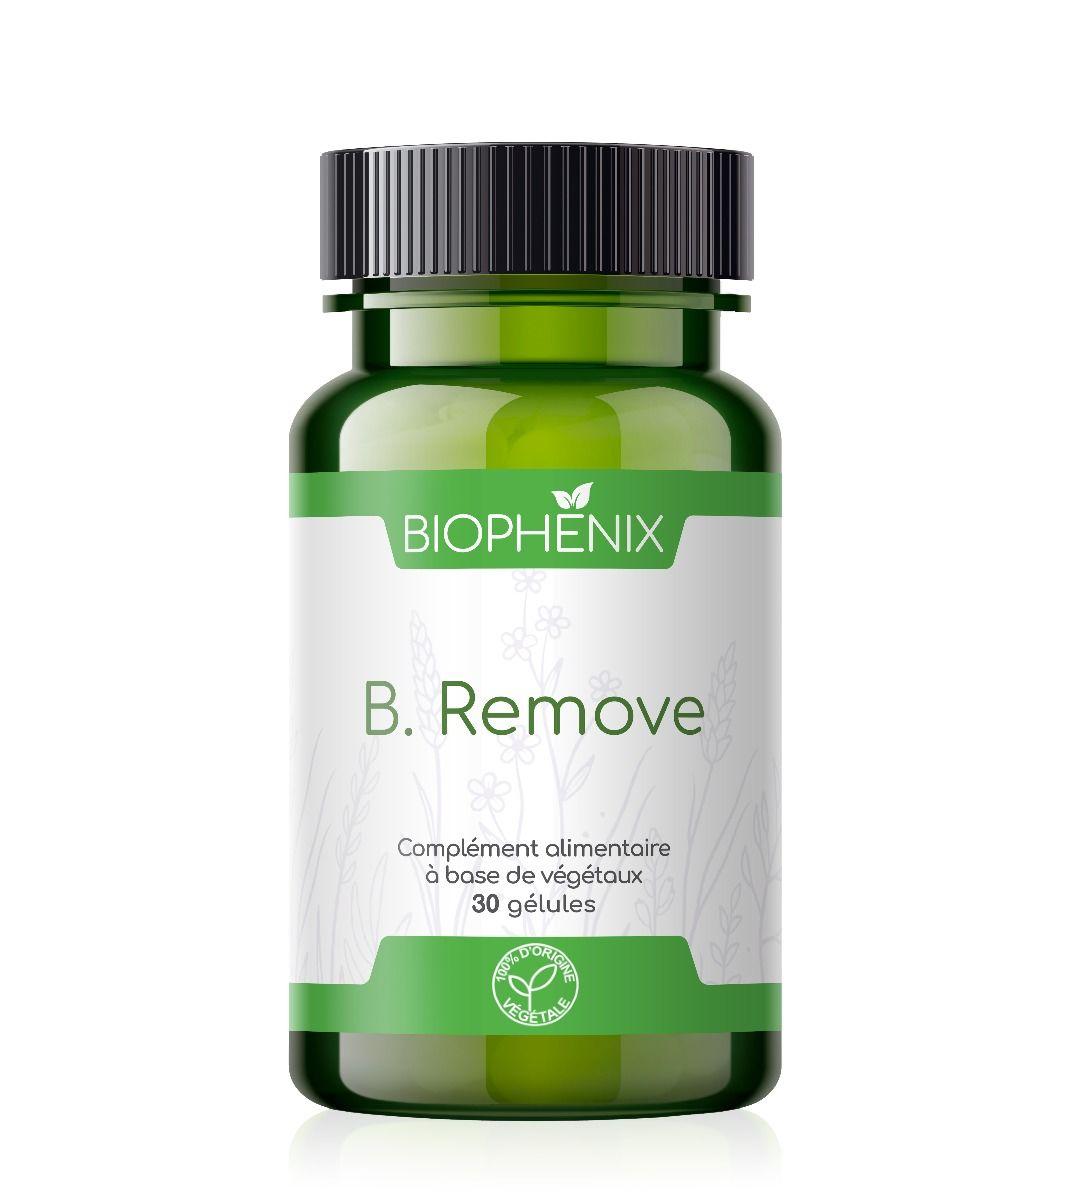 Bowel Remove Bio